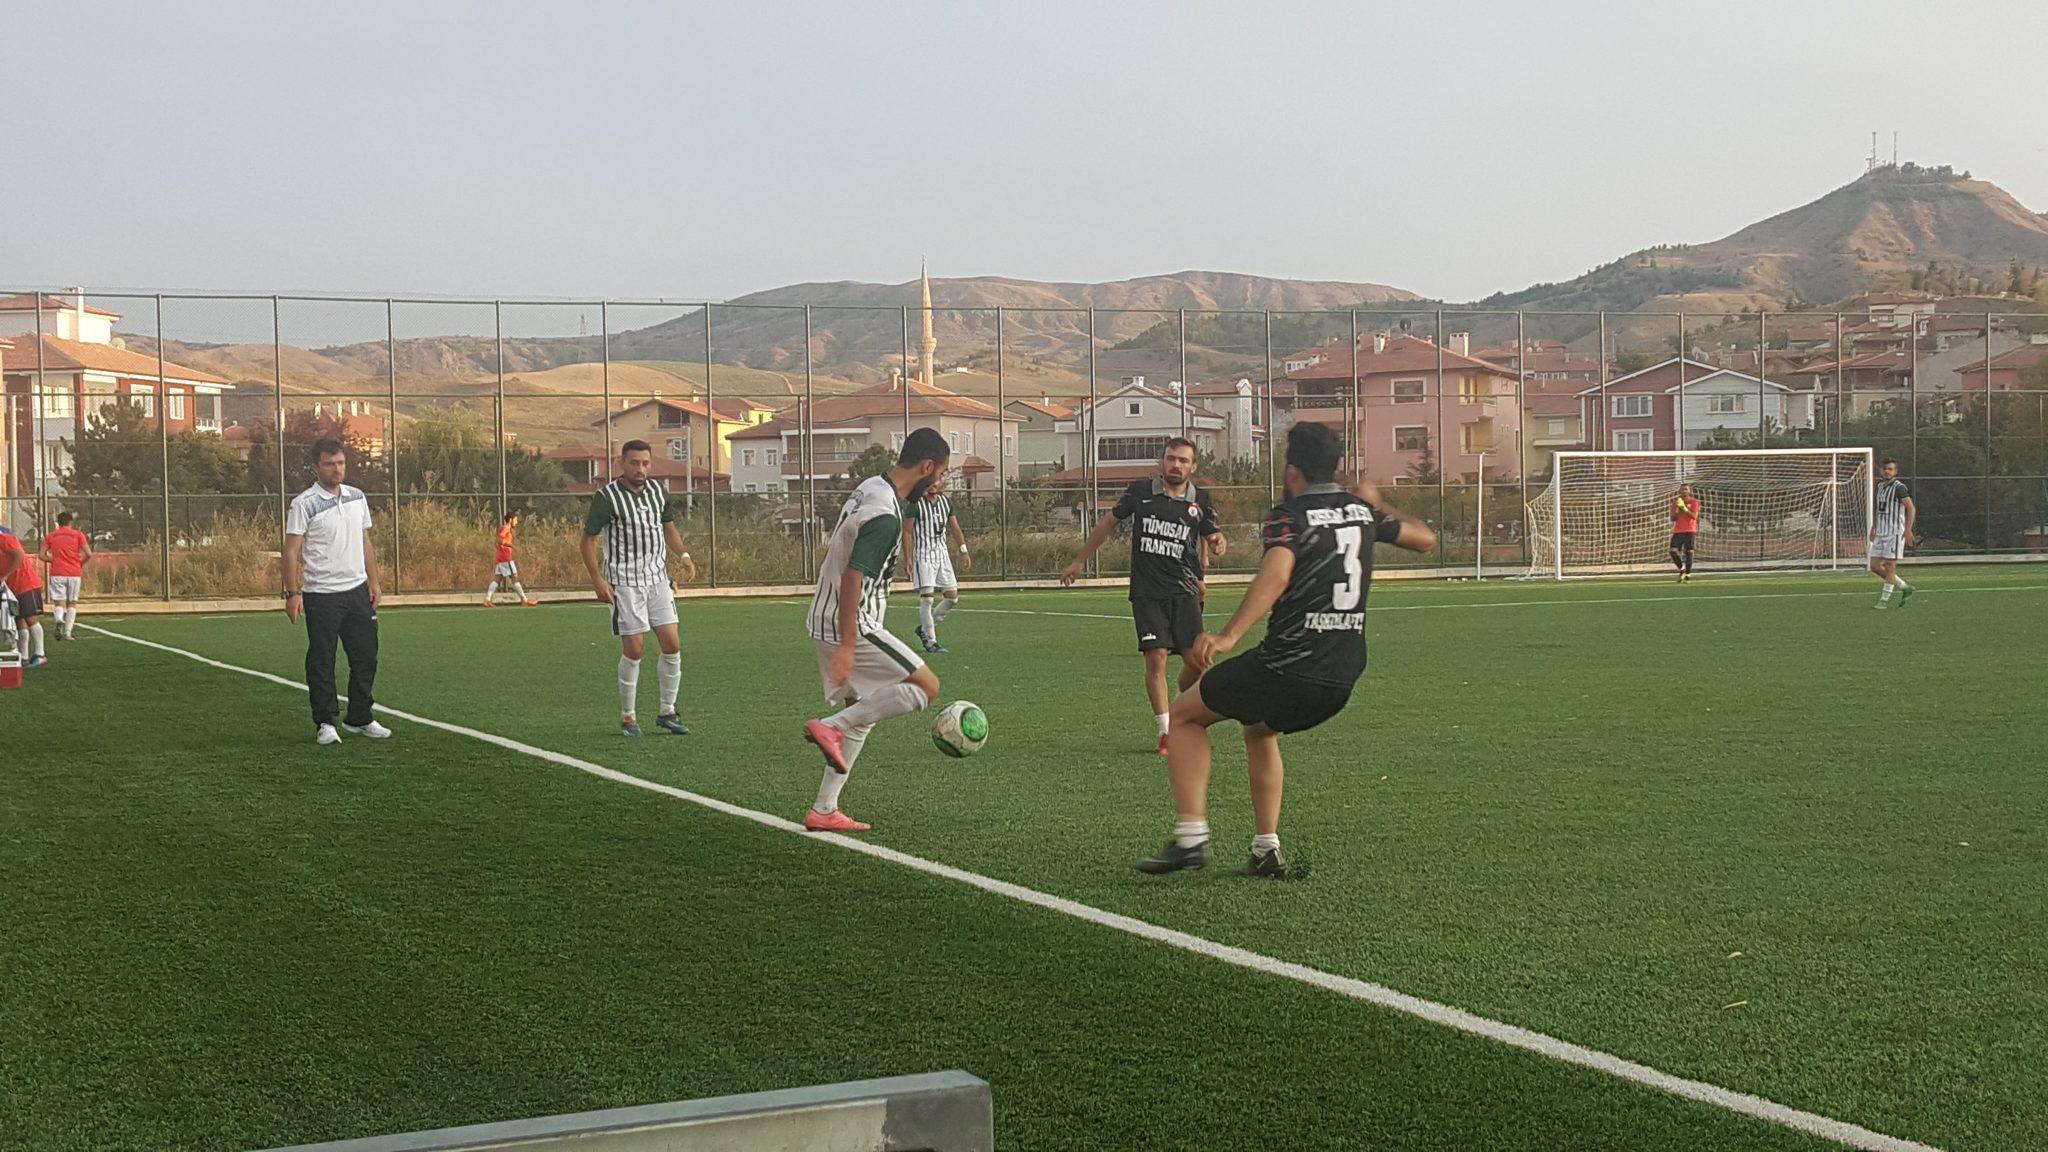 Bu yıl Bölgesel amatör Ligi'nde Çorum'u temsil edecek olan Sungurlu Belediyespor, son hazırlık maçında 1930 Bafraspor'u ağırladı. Karşılaşma 1-1 sona erdi. | Sungurlu Haber